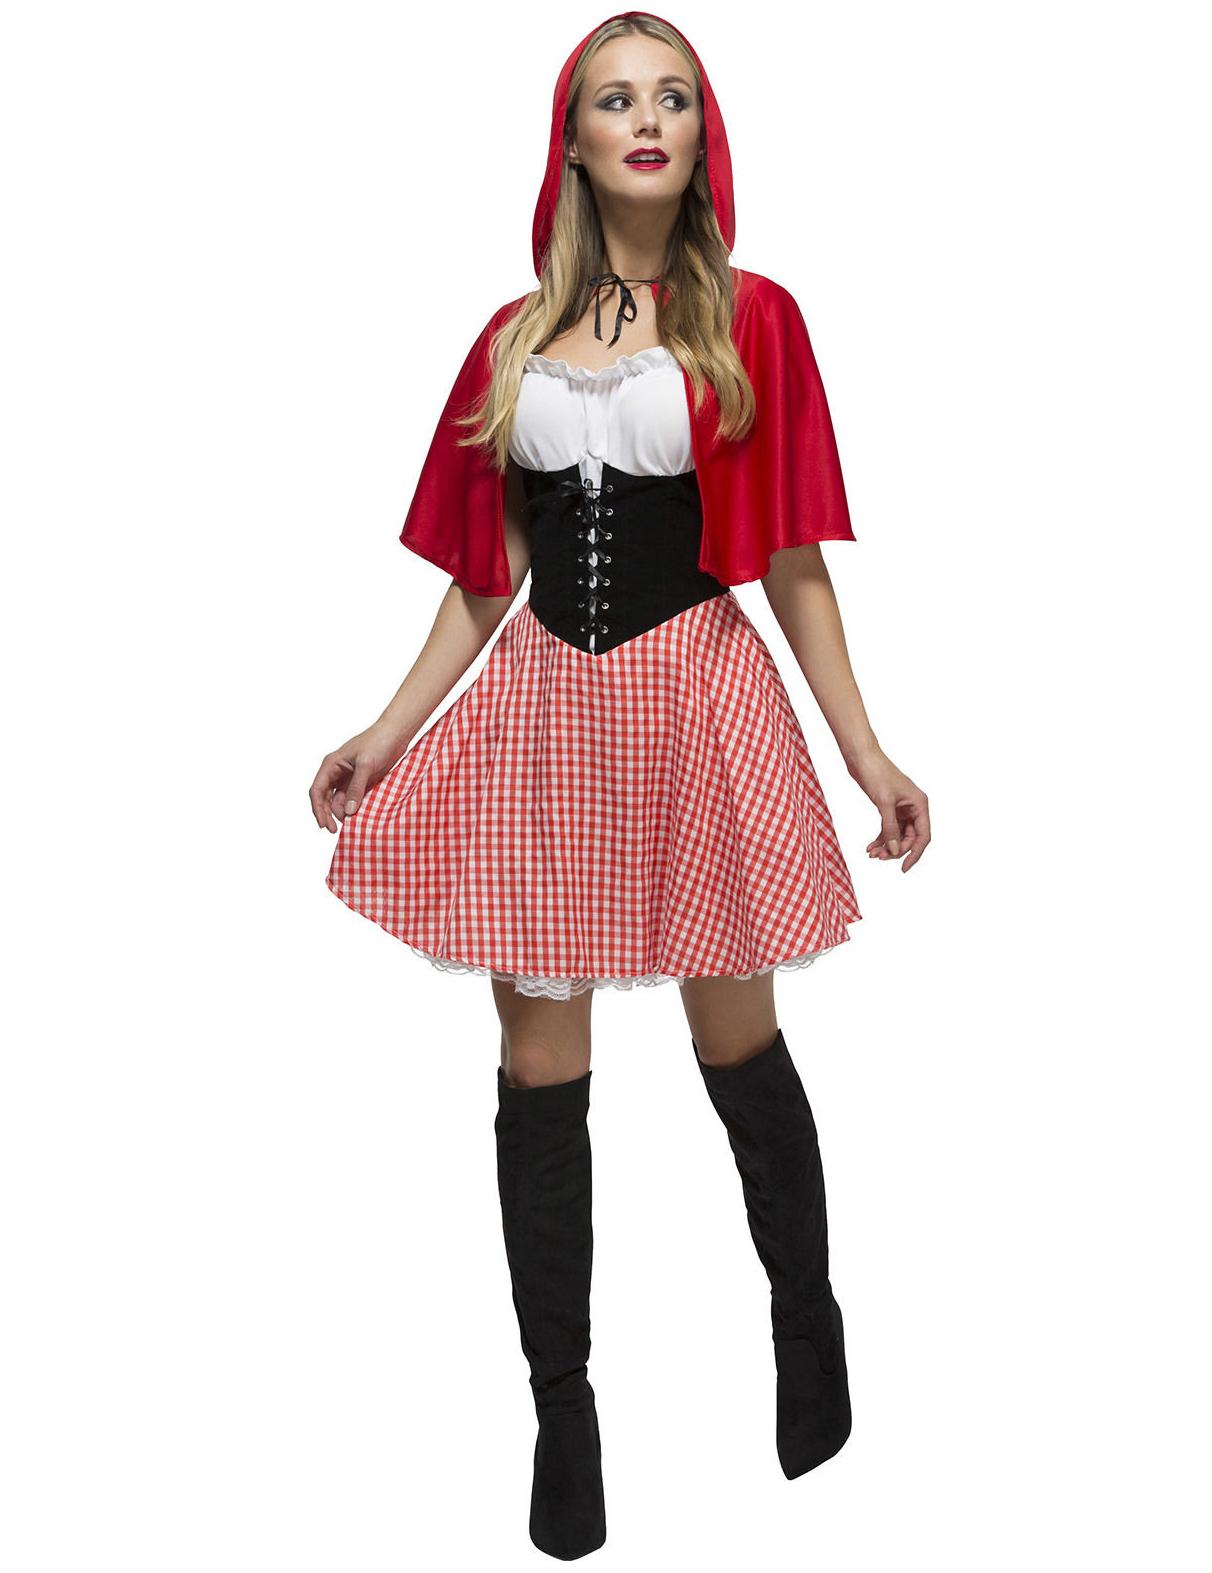 Disfraz de caperucita del bosque sexy mujer: Disfraces adultos,y ...